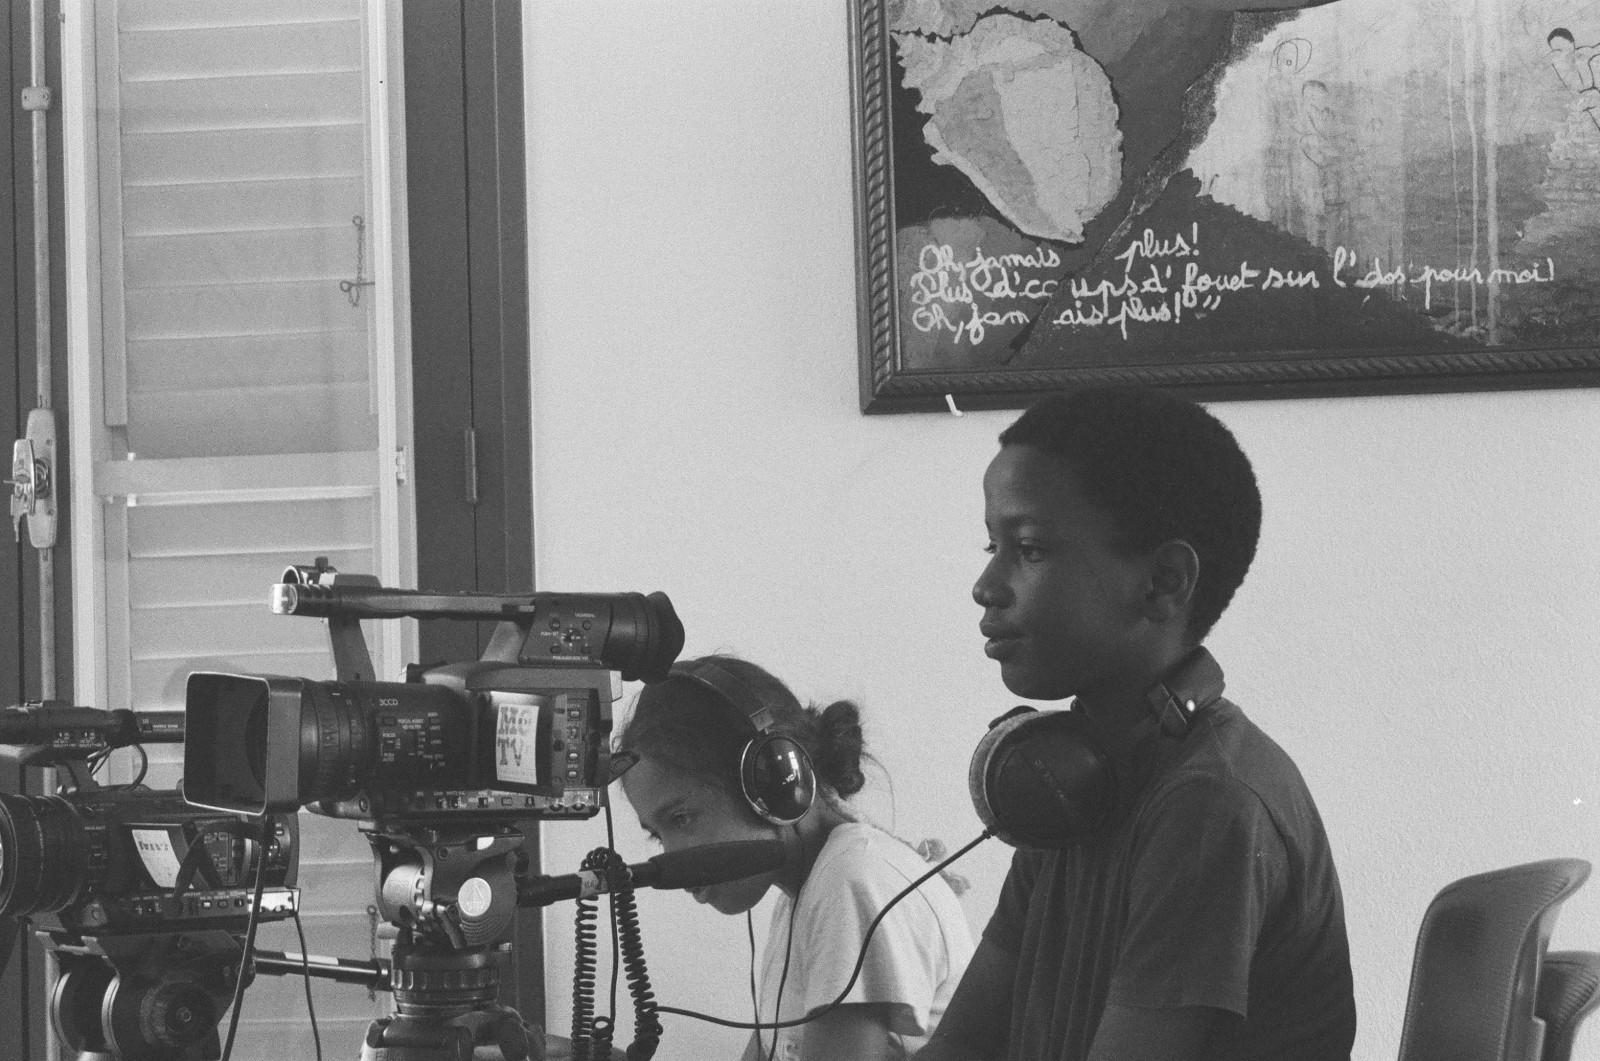 Les enfants de l'école primaire participant à la réalisation du film relatant l'histoire de la relocalisation et refondation du bourg du Prêcheur. © Grégory Gendre / Mo-Tv